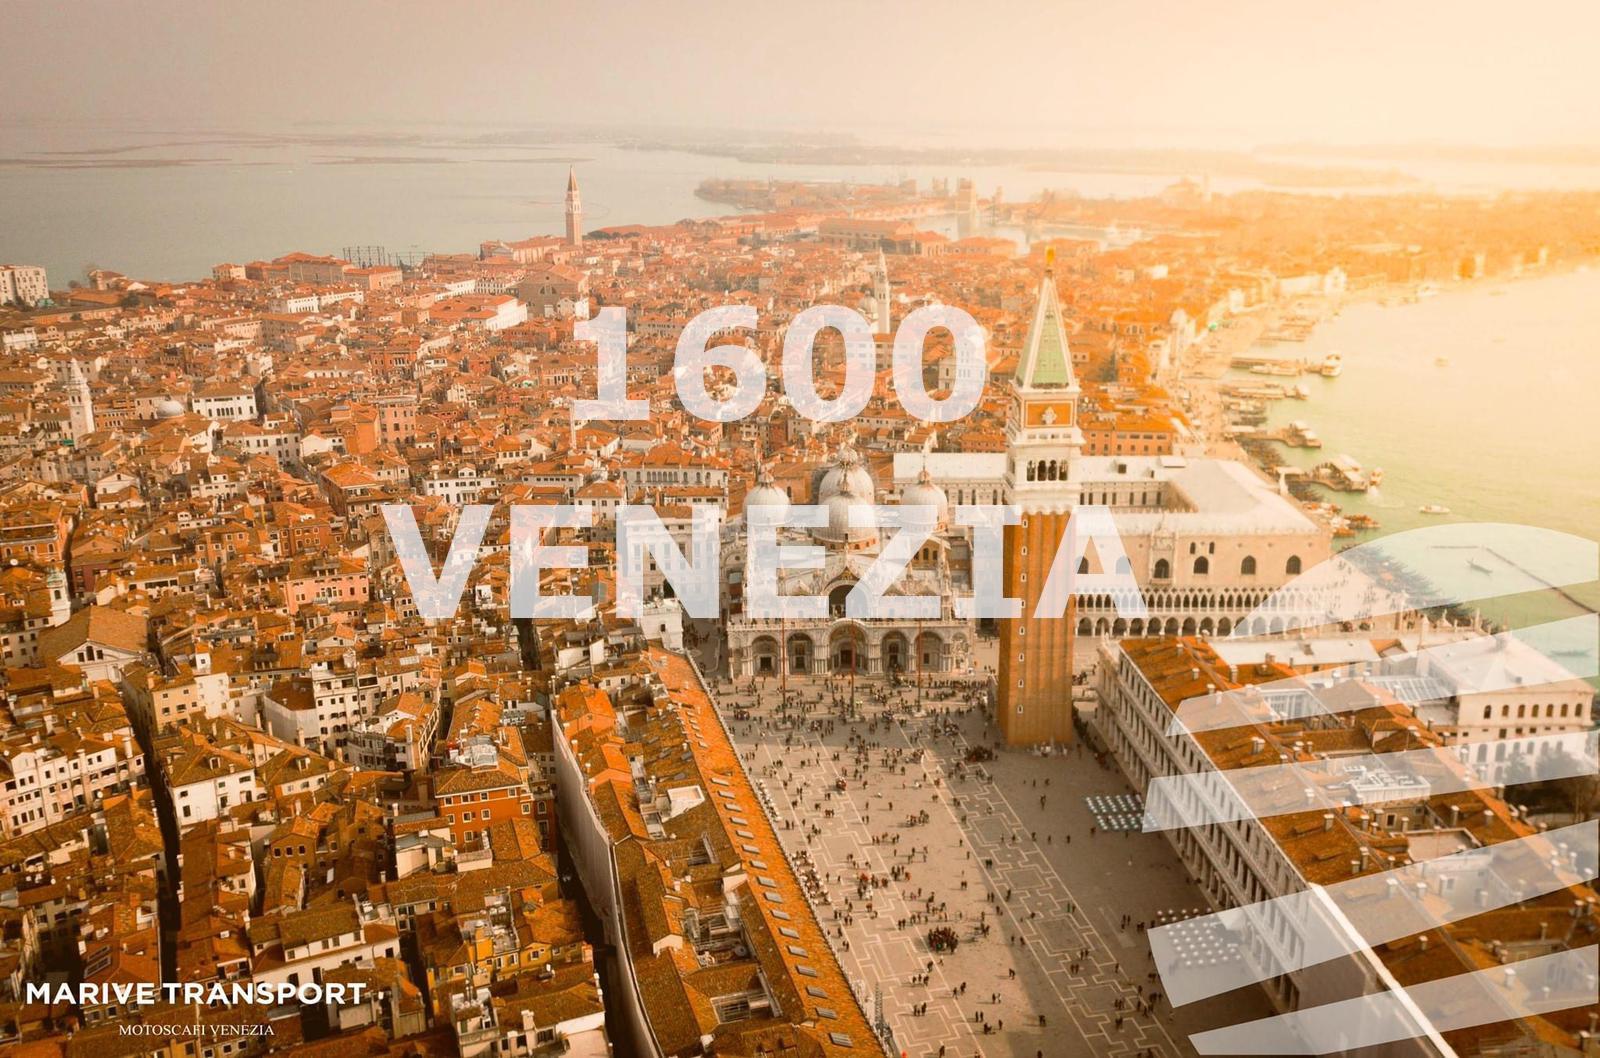 Le iniziative e i festeggiamenti per i 1600 anni di Venezia